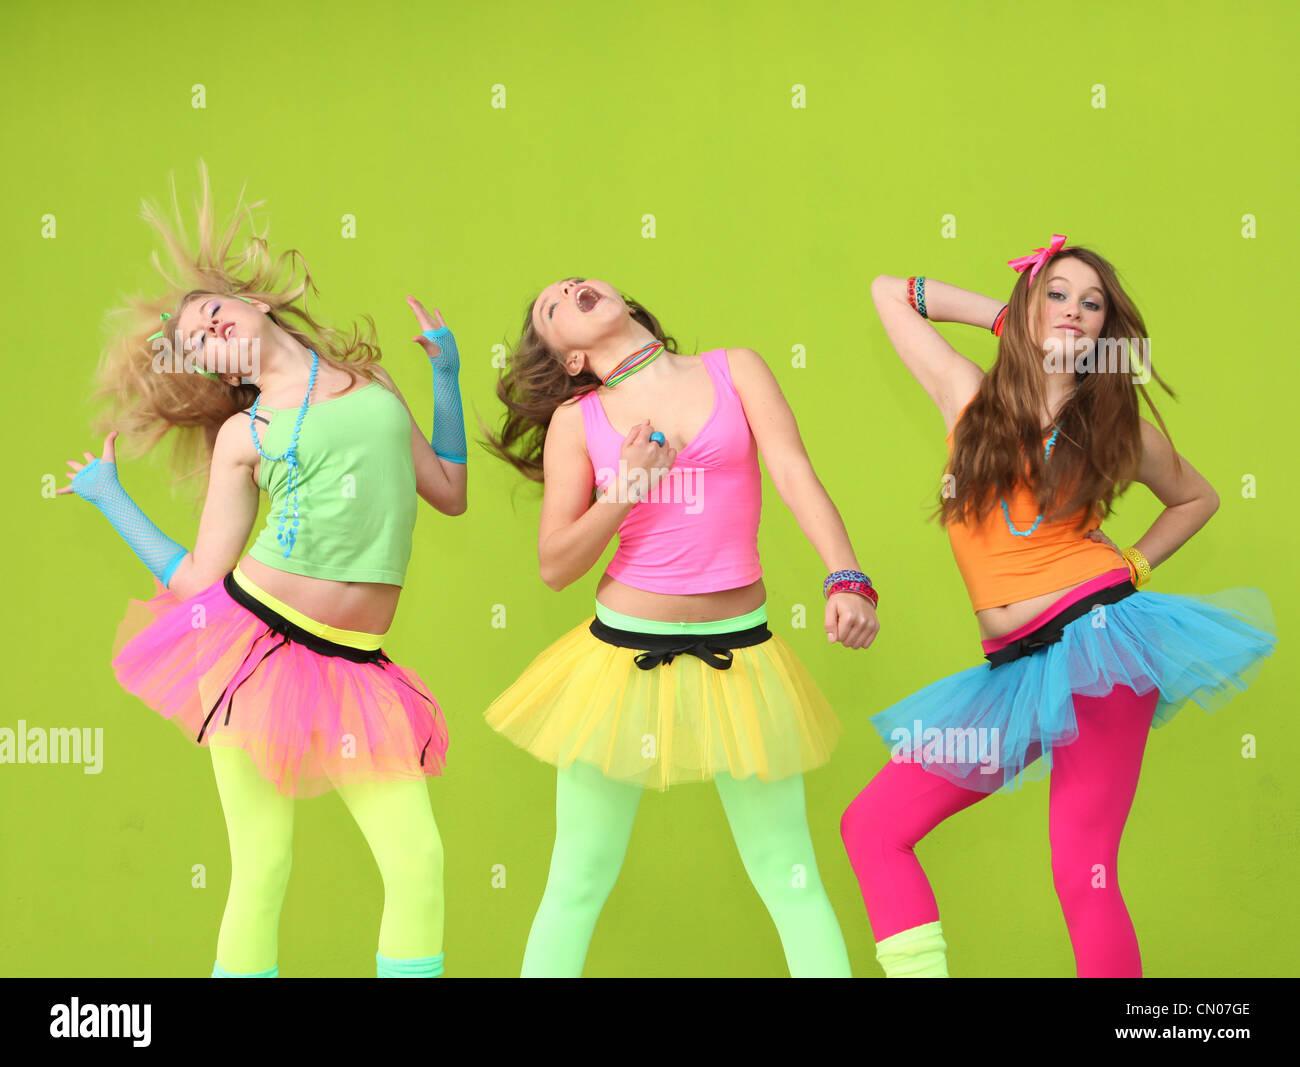 Teen dance tgp